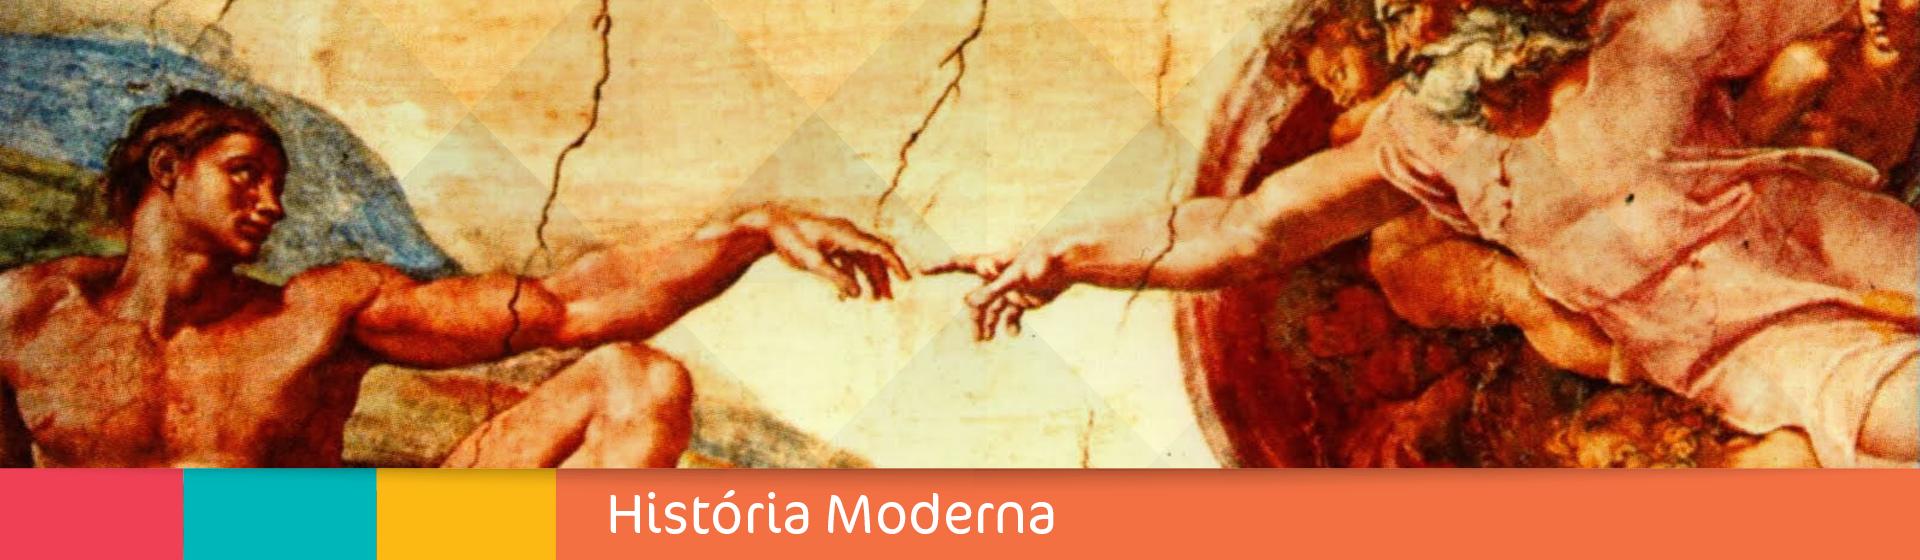 Historia moderna maior